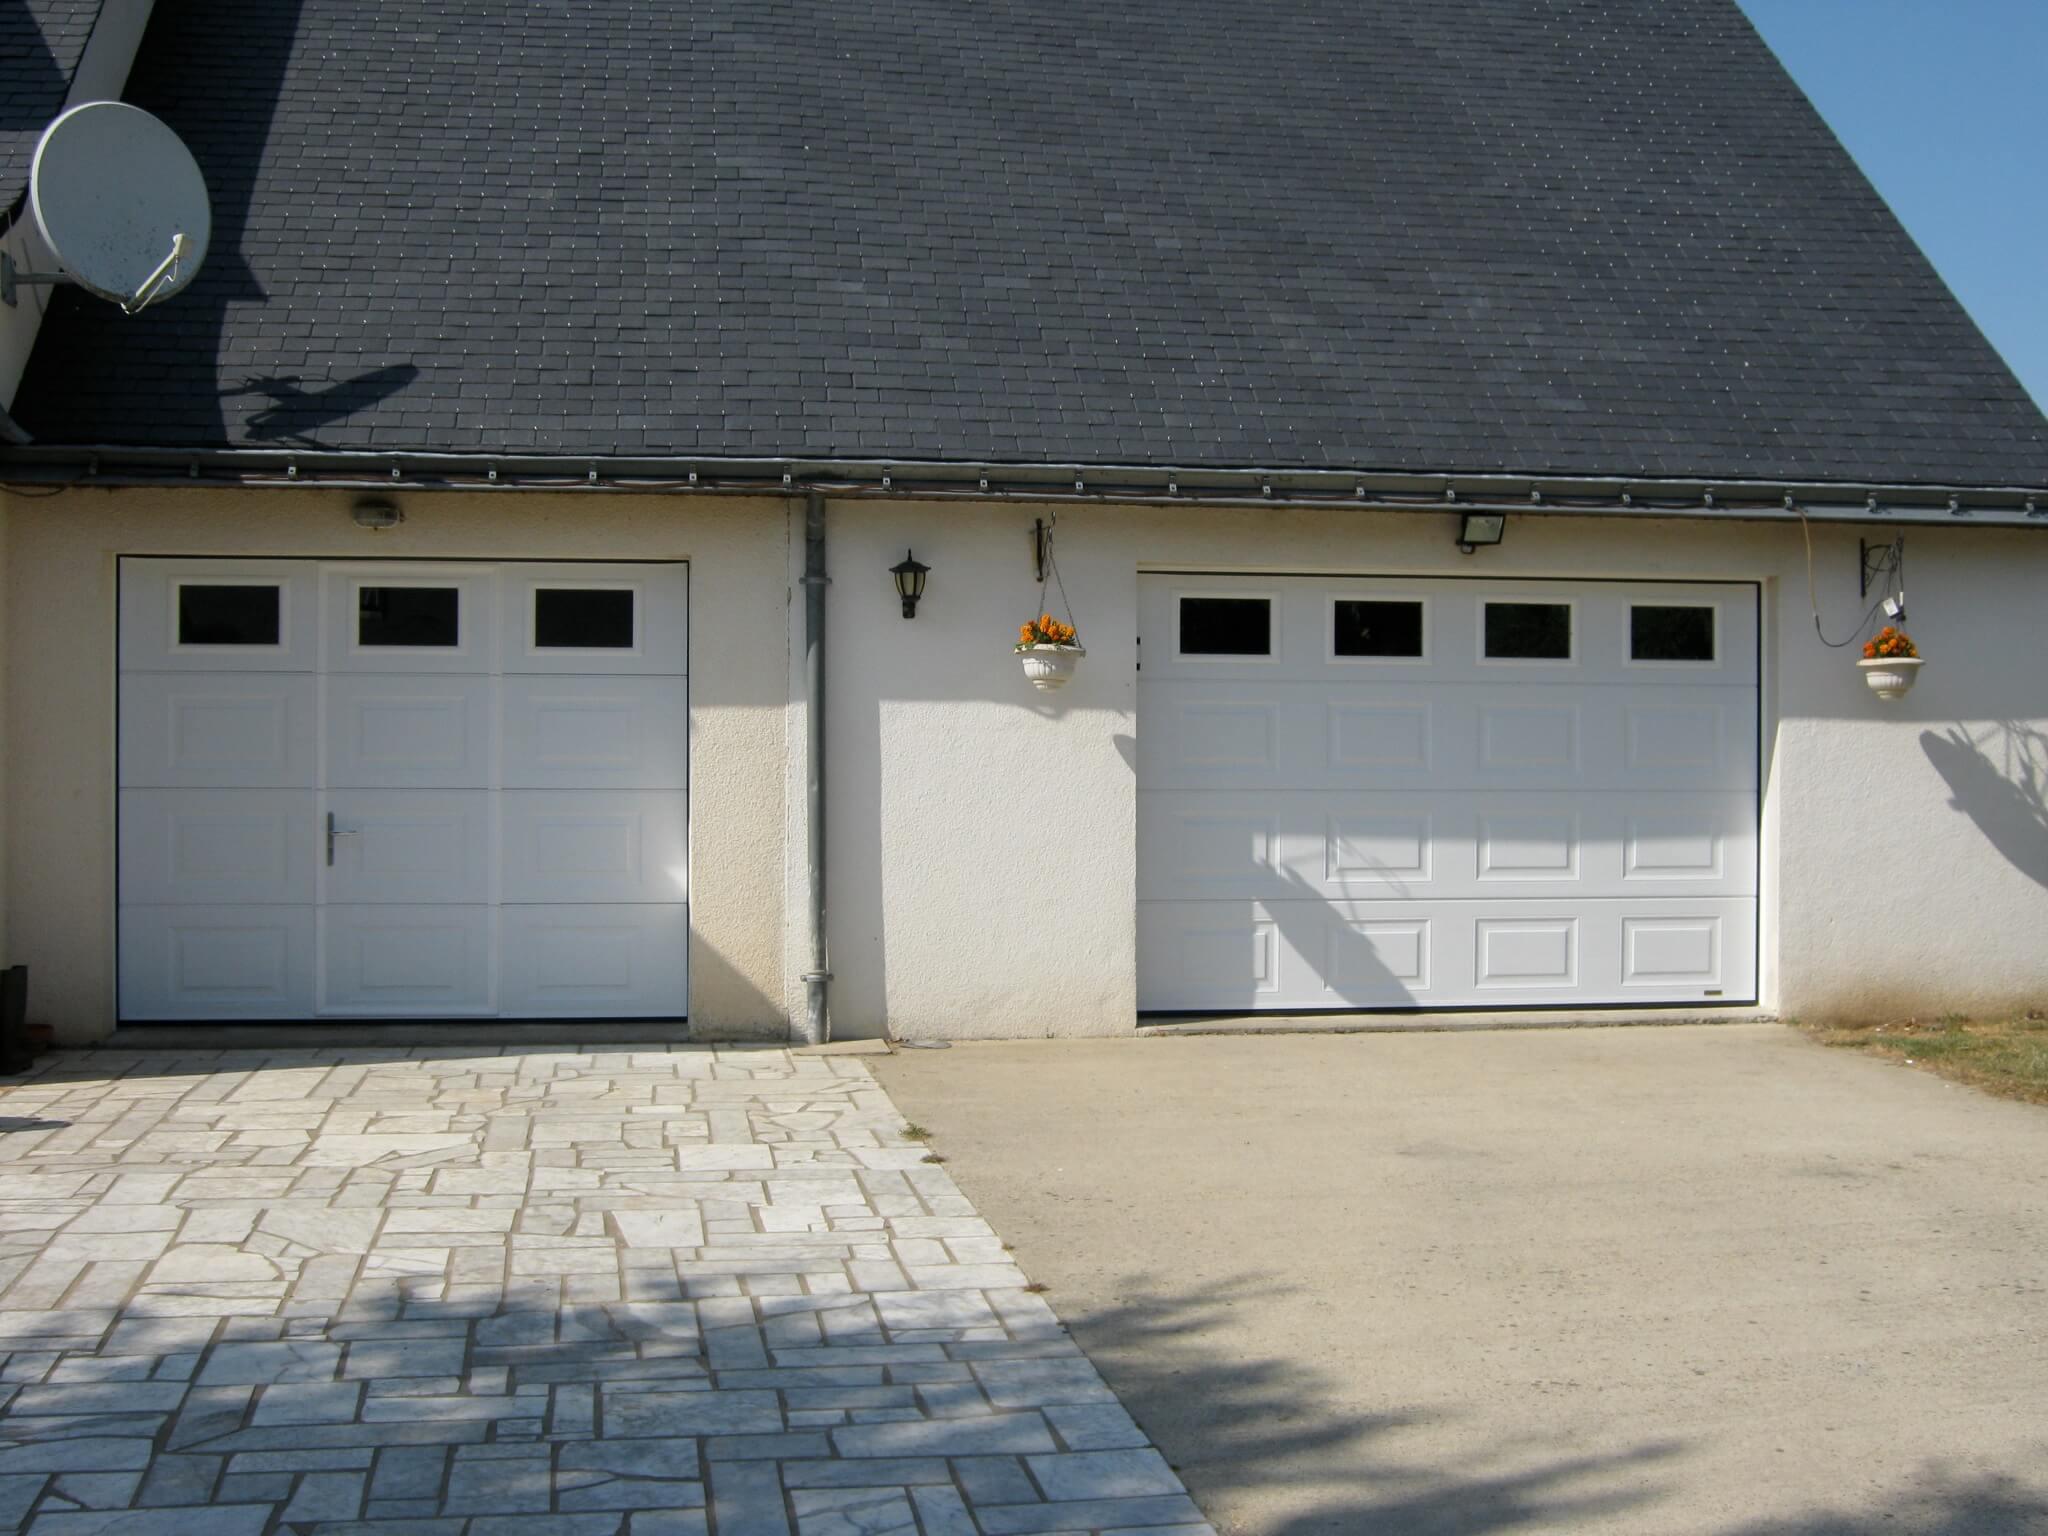 Les r alisations en menuiserie de belles baies rennes - Porte de garage anthracite ...